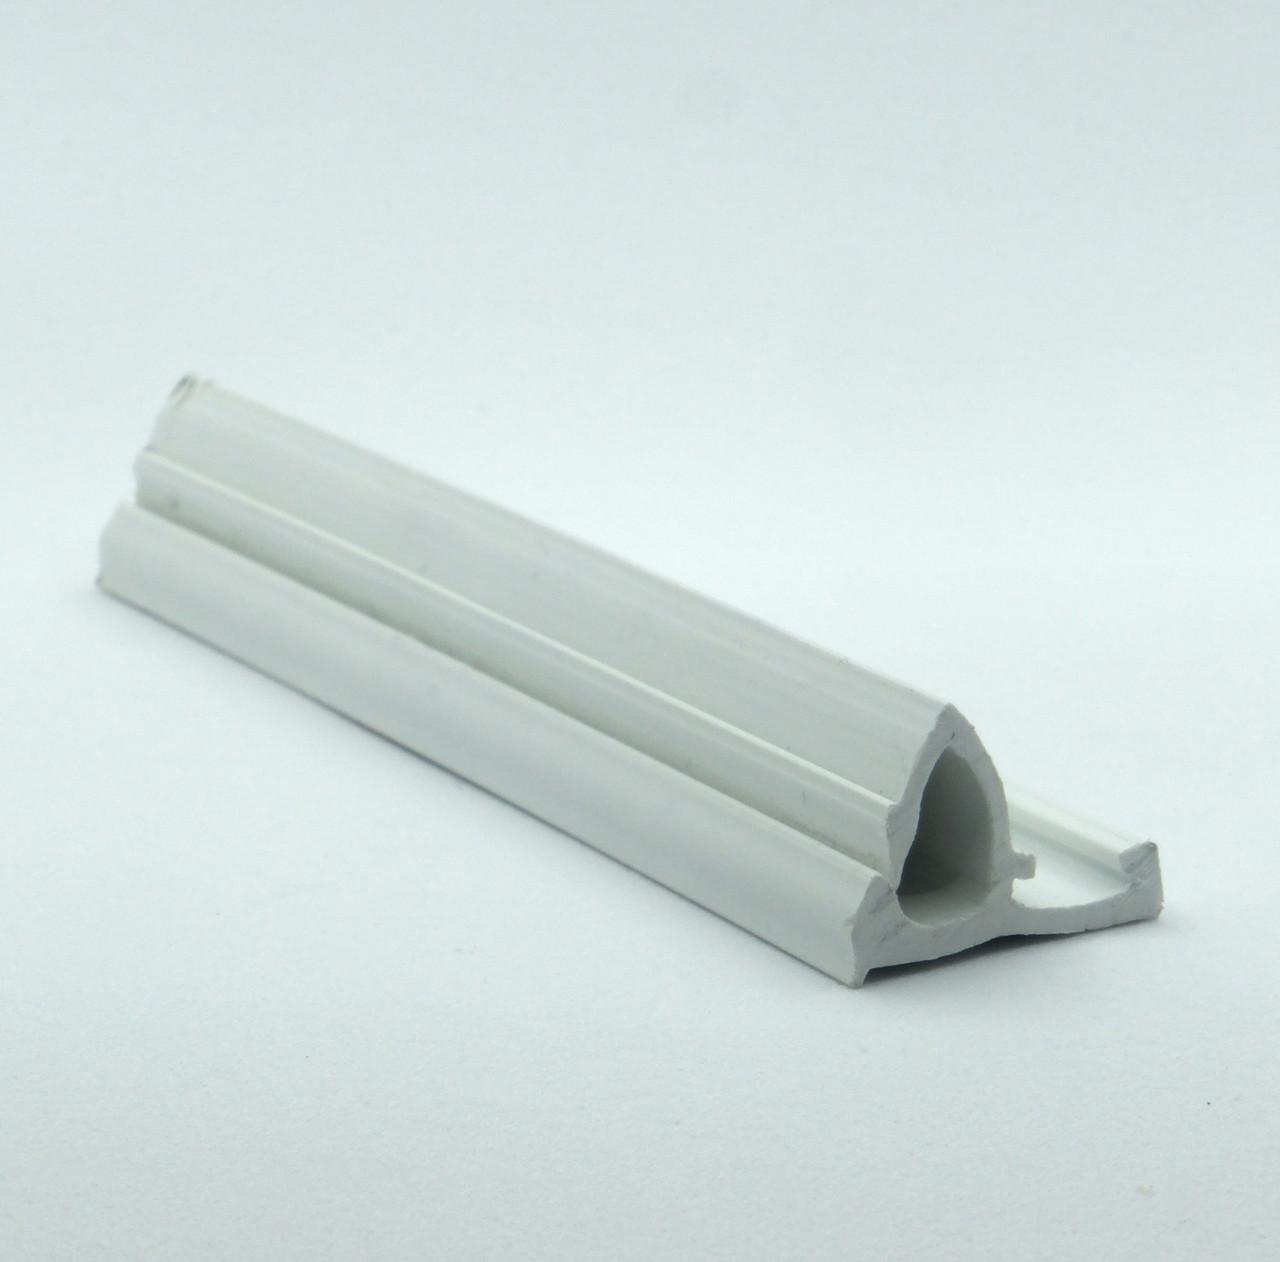 Профиль пластиковый - безгарпунная система (стеновой). Длина профиля 2 м.